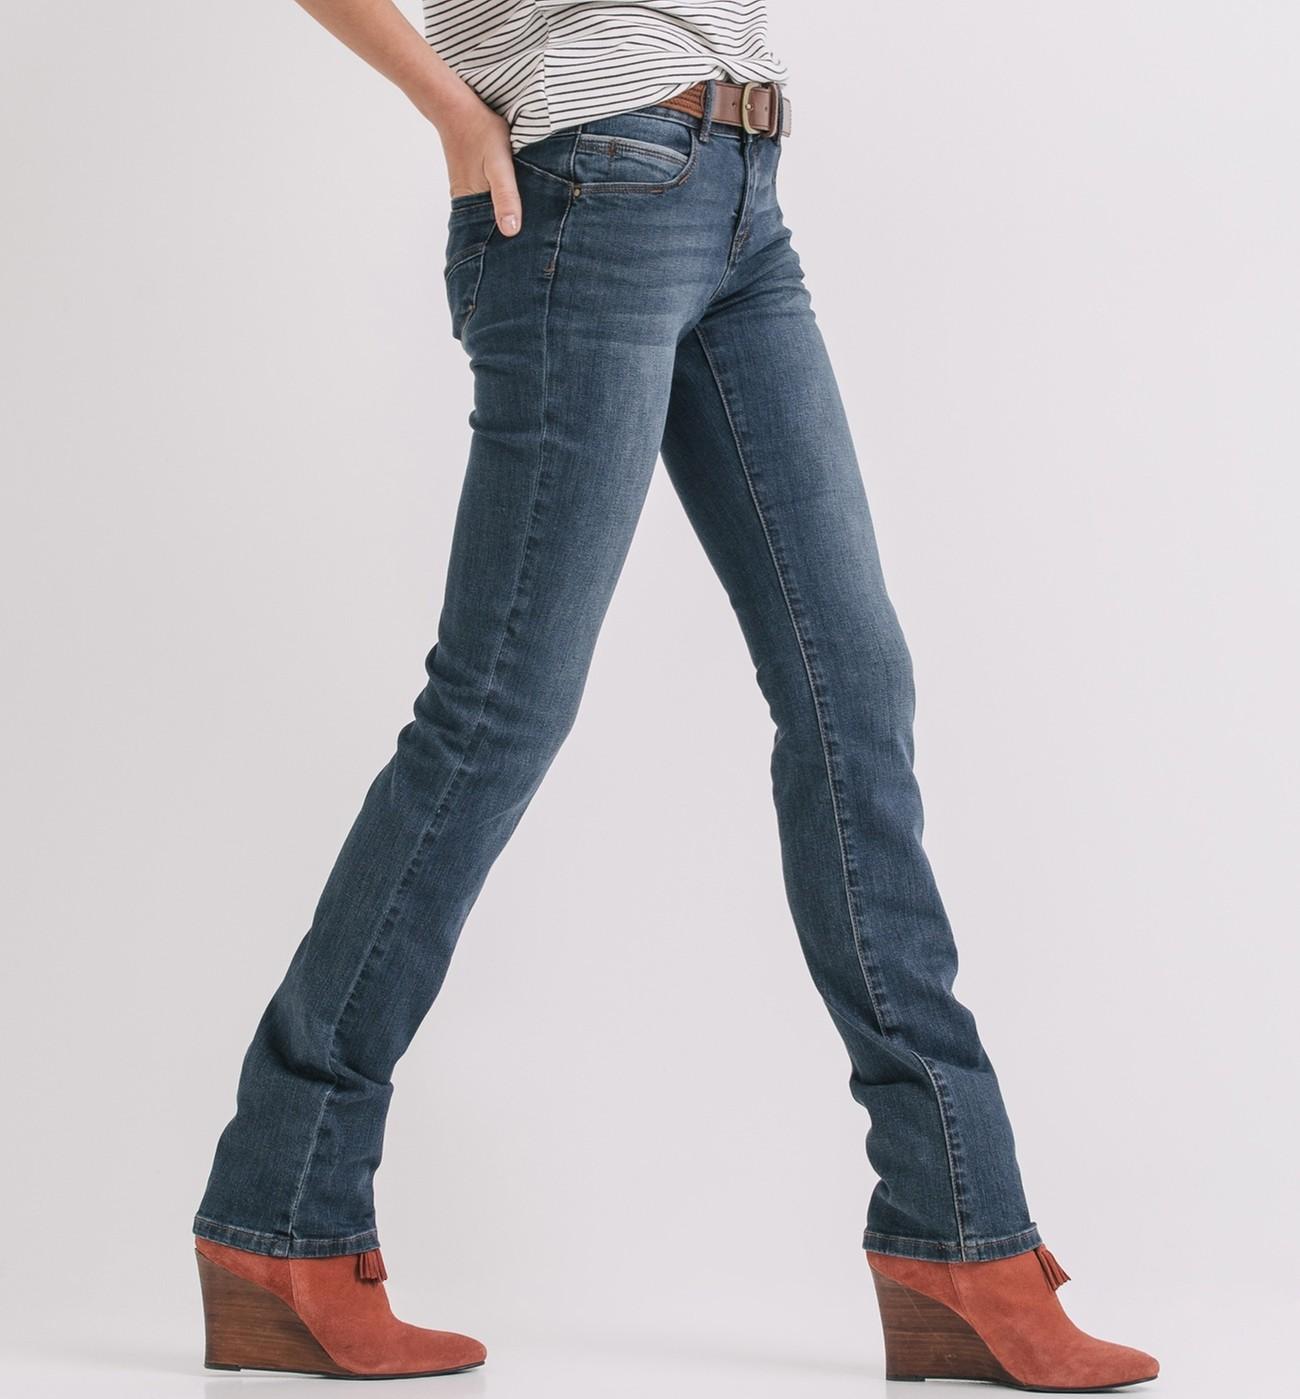 Mieux apte à parler de jean féminin aujourd'hui